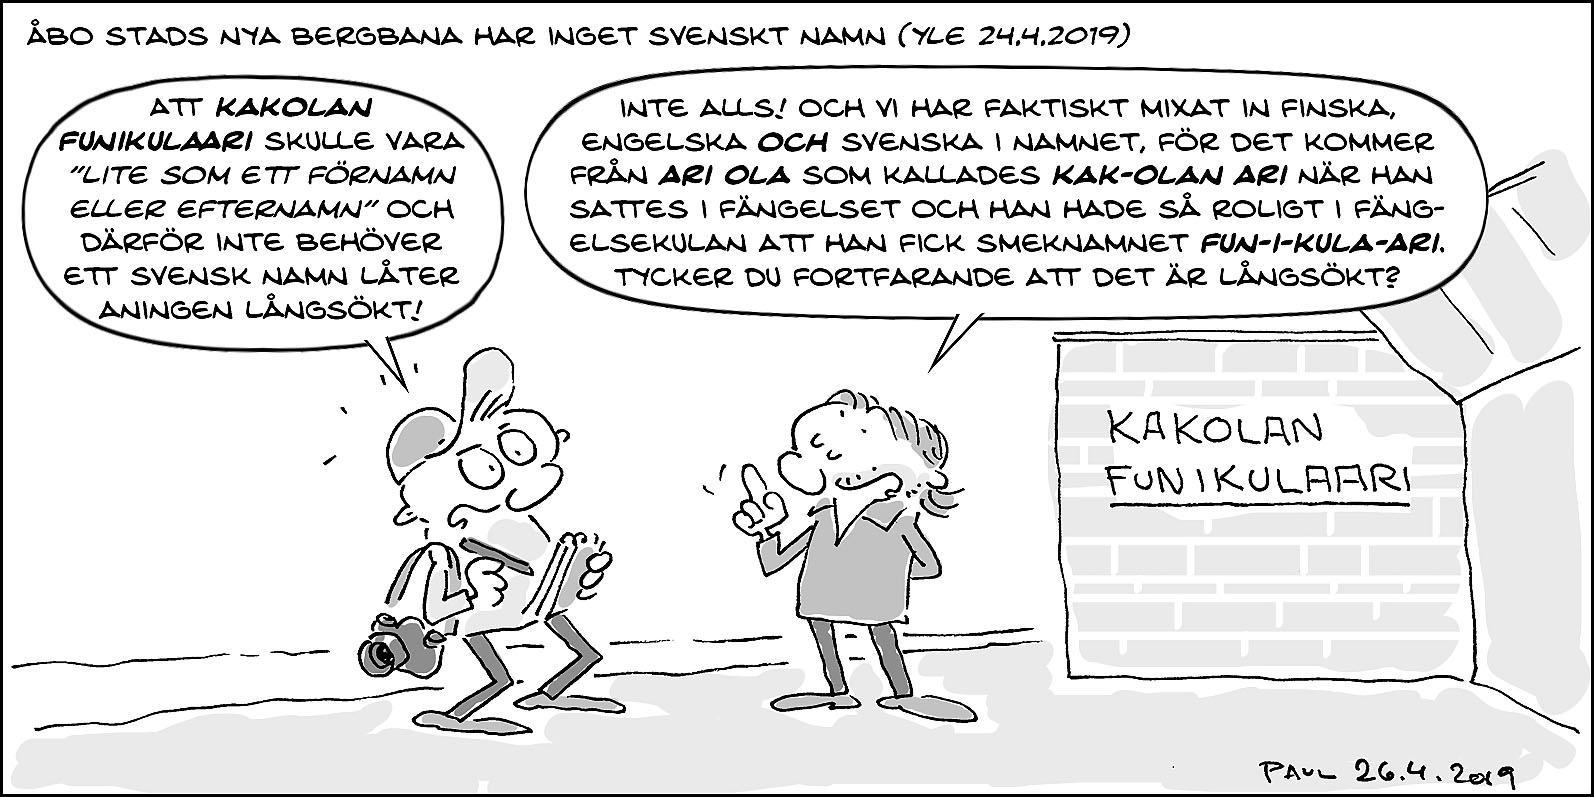 Tecknad bild om namnet på bergbanan Funikulaari i Åbo.